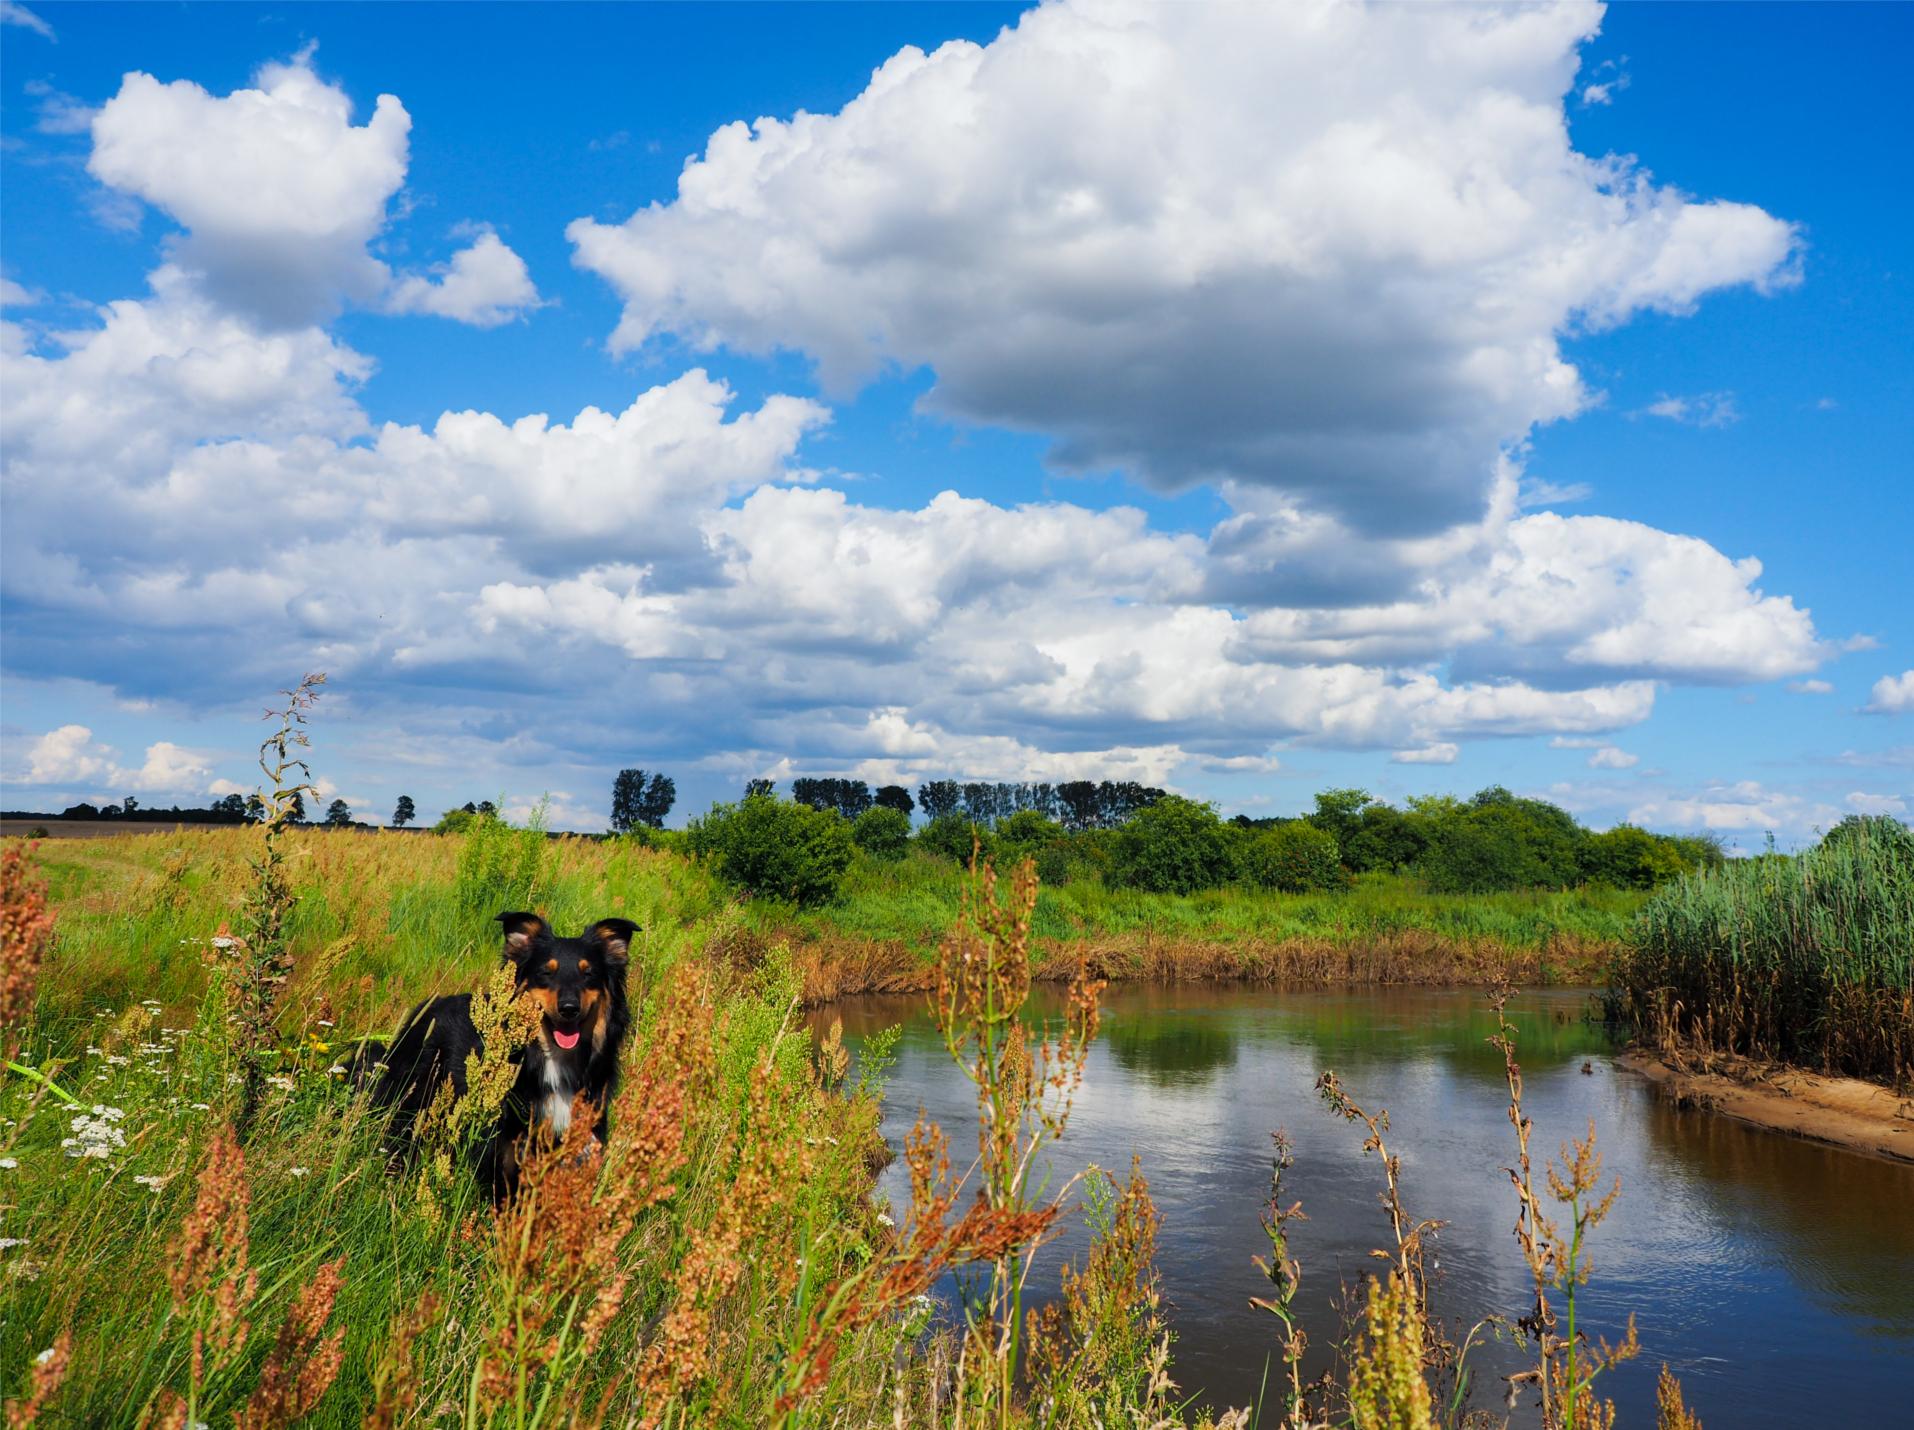 Liwiec, Liw, rzeka Liwiec, Mazowsze, urlop z psem, wakacje z psem, nieznane Mazowsze, odkryj Mazowsze